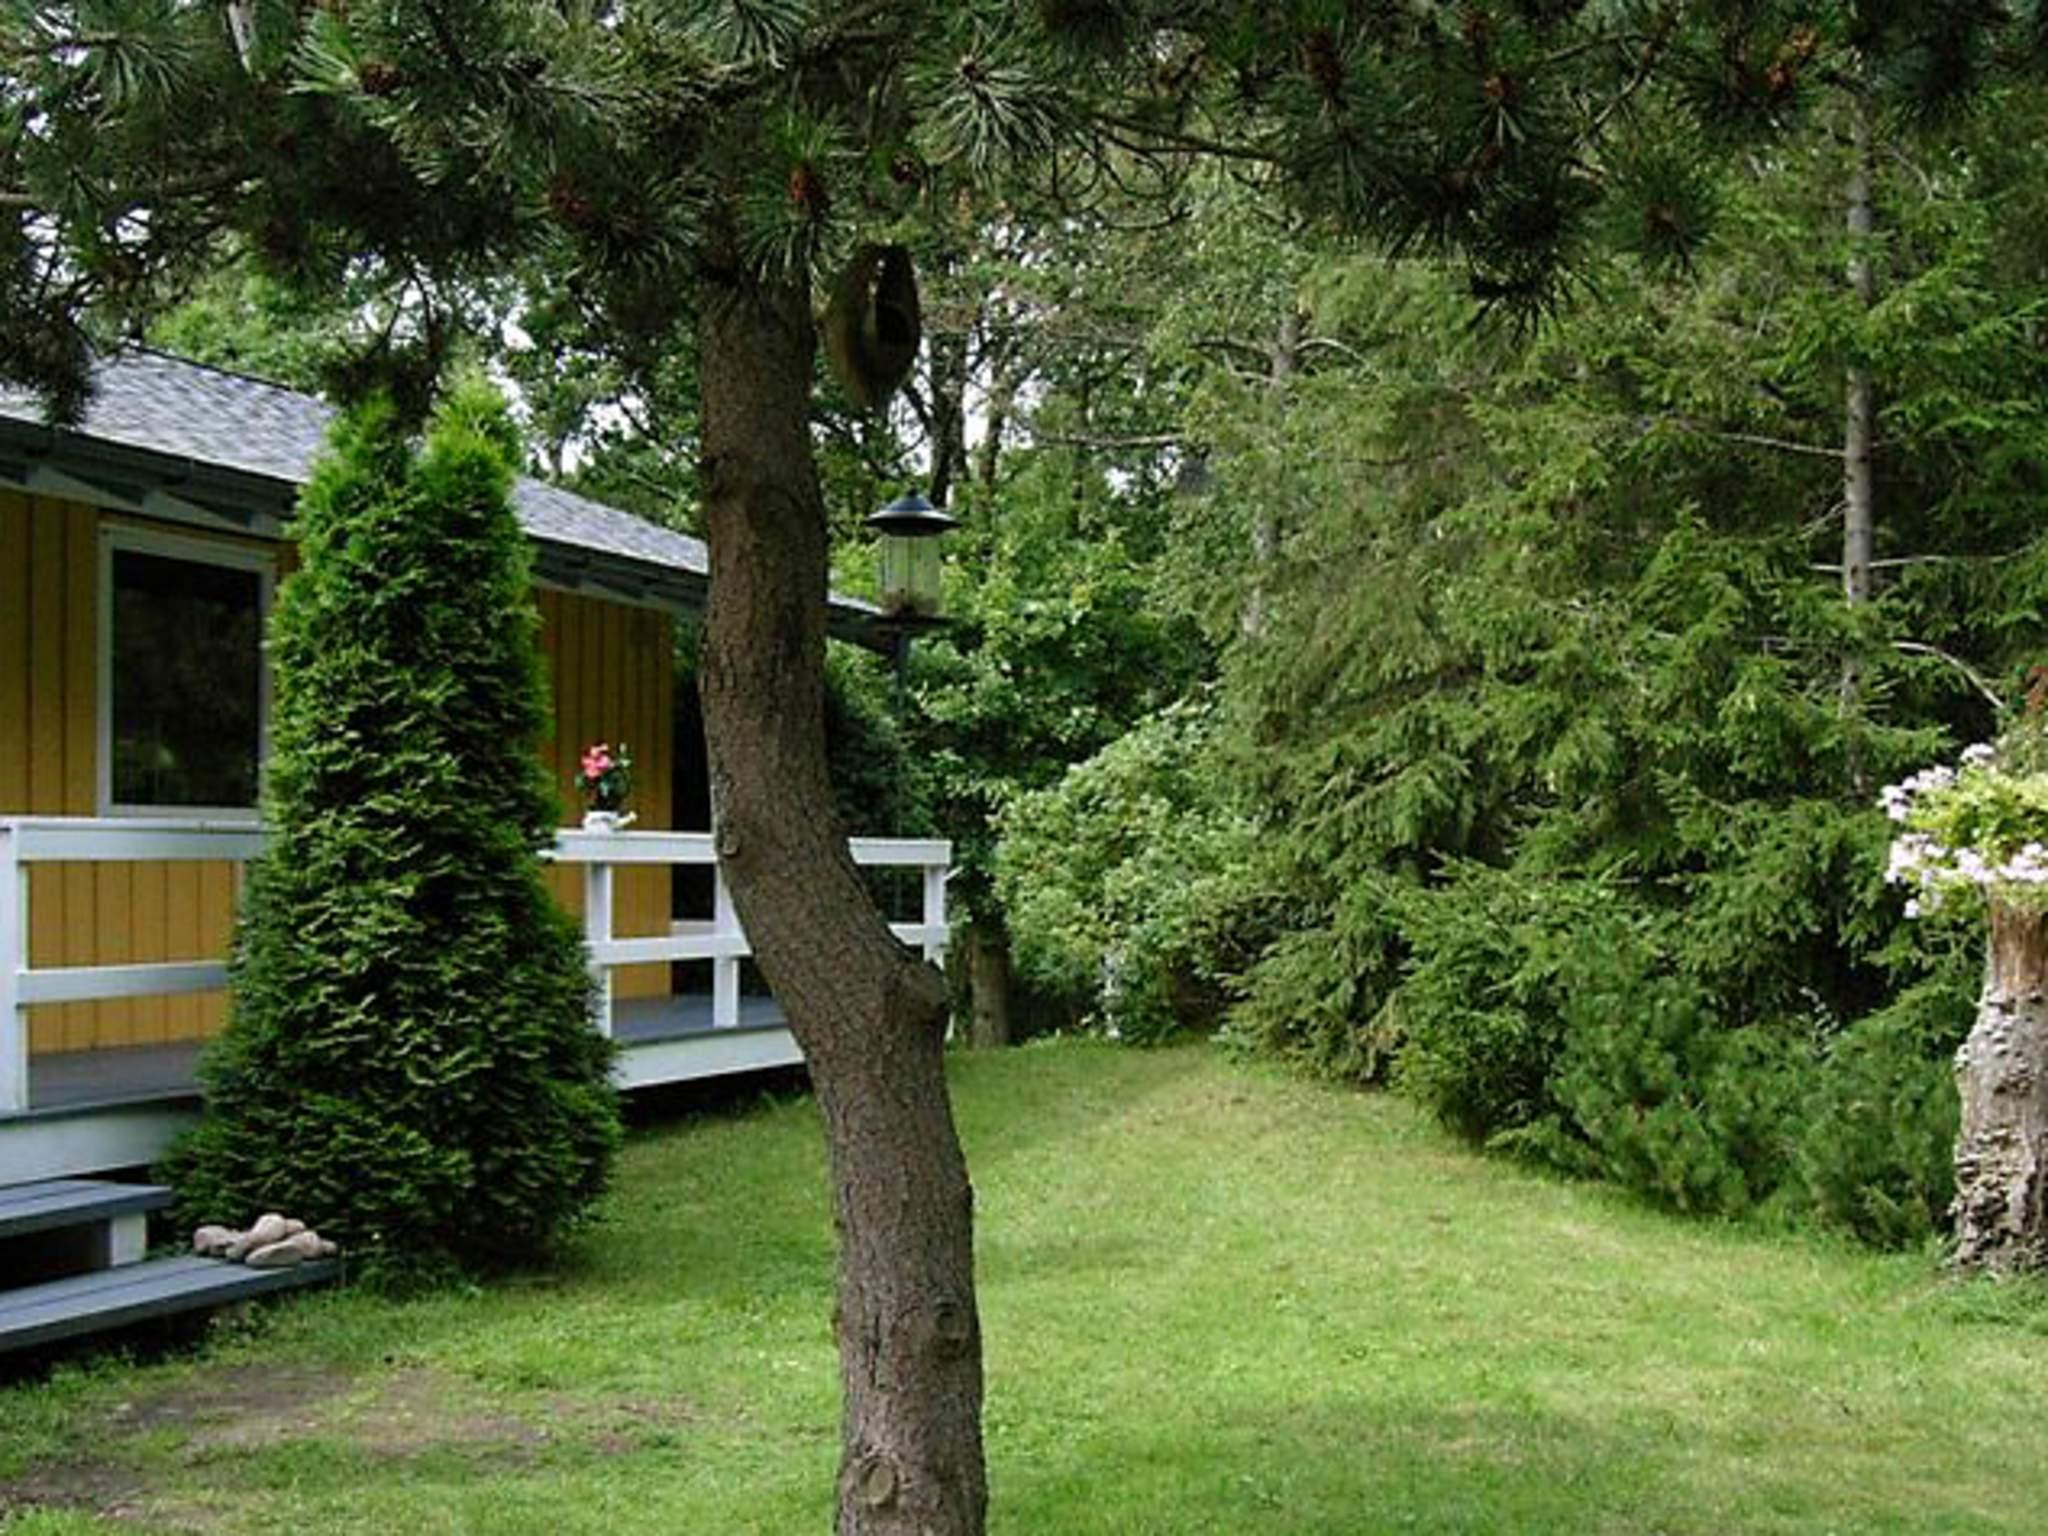 Ferienhaus Udsholt Strand (87426), Udsholt, , Nordseeland, Dänemark, Bild 25